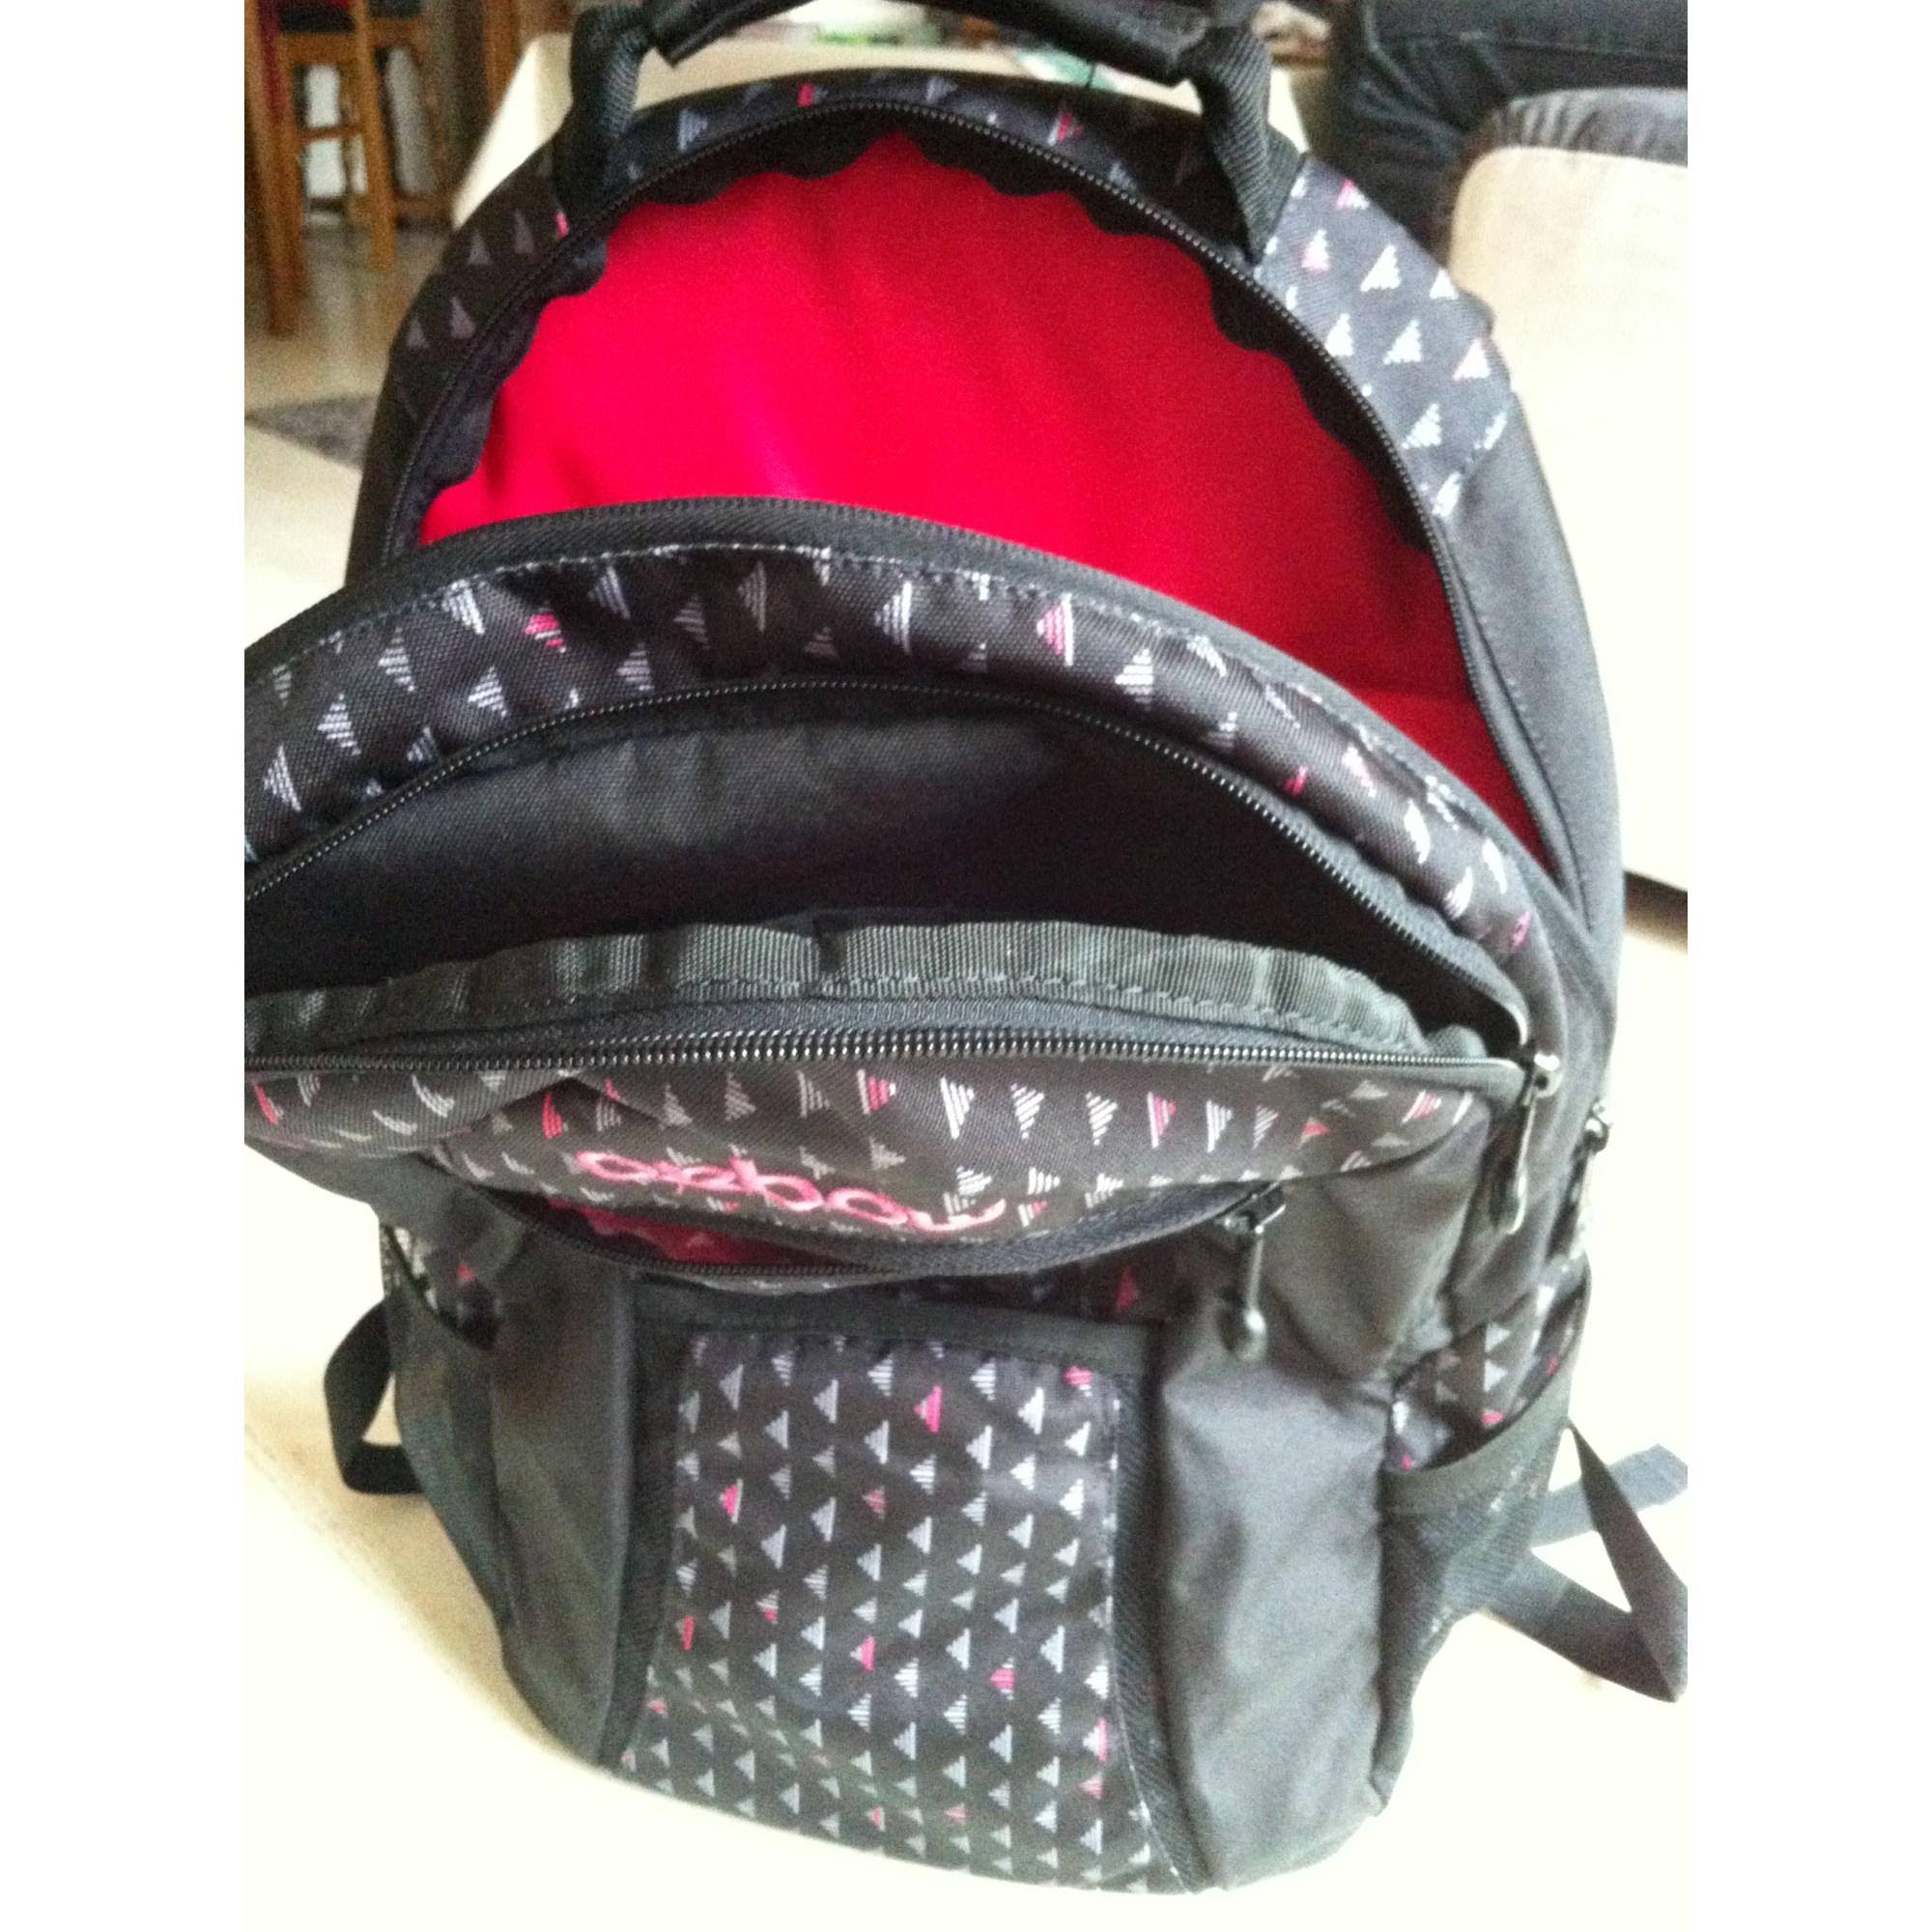 bf64dc51a9 Sac à dos, cartable OXBOW noir vendu par Ladyscout - 3613734